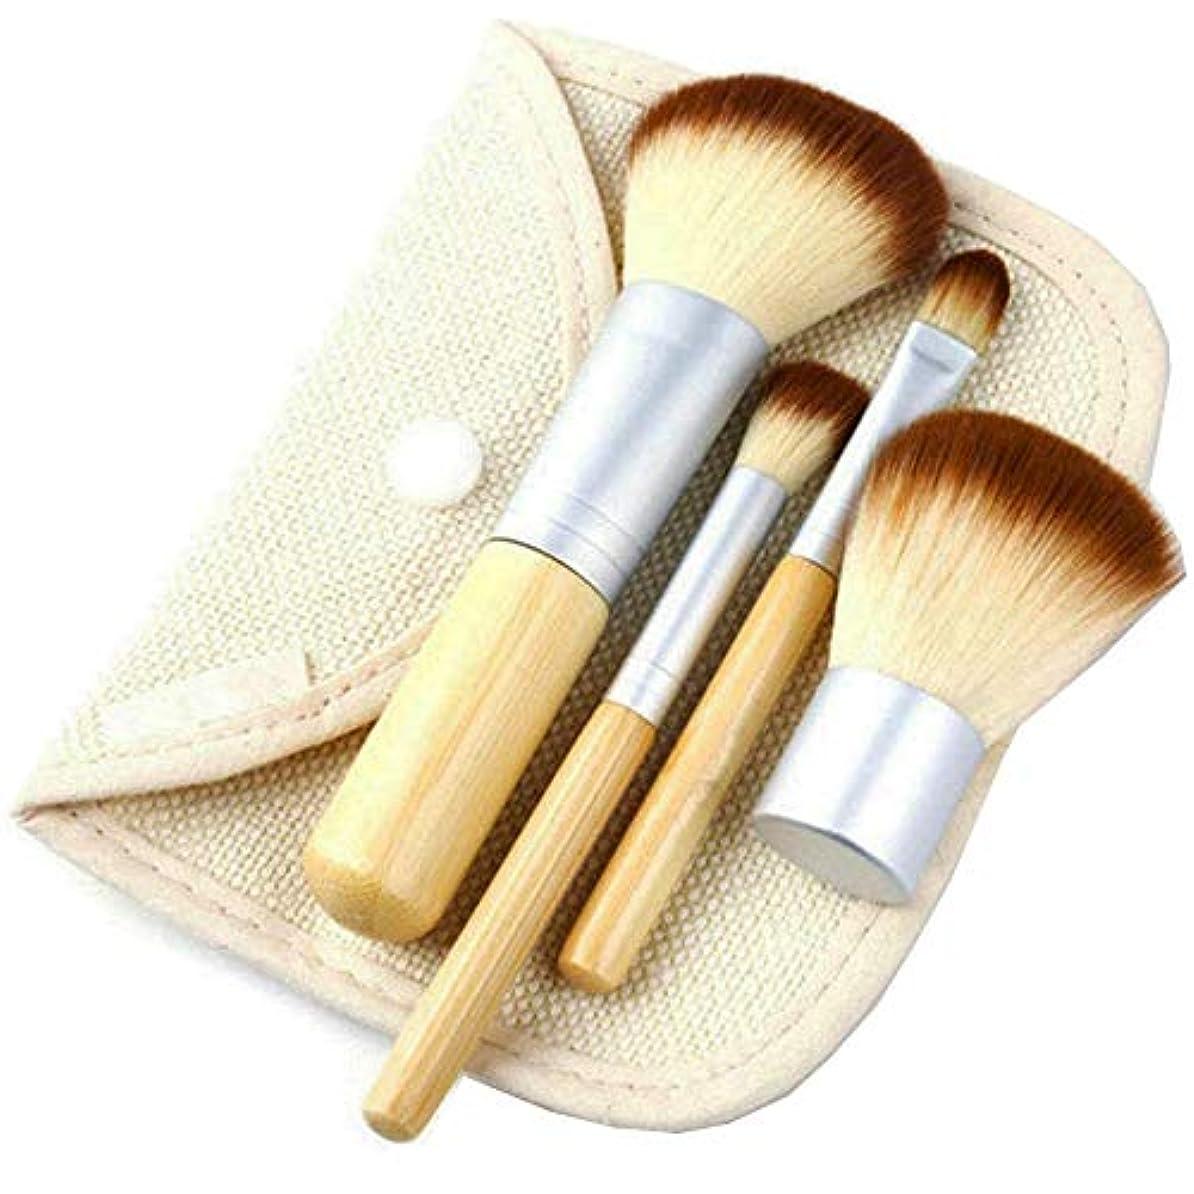 ポーズ含む自分のUrban frontier (アーバンフロンティア) アーバンフロンティアメイクブラシ化粧筆竹製4本セット化粧ポーチ付き携帯便利メイク道具プレゼント